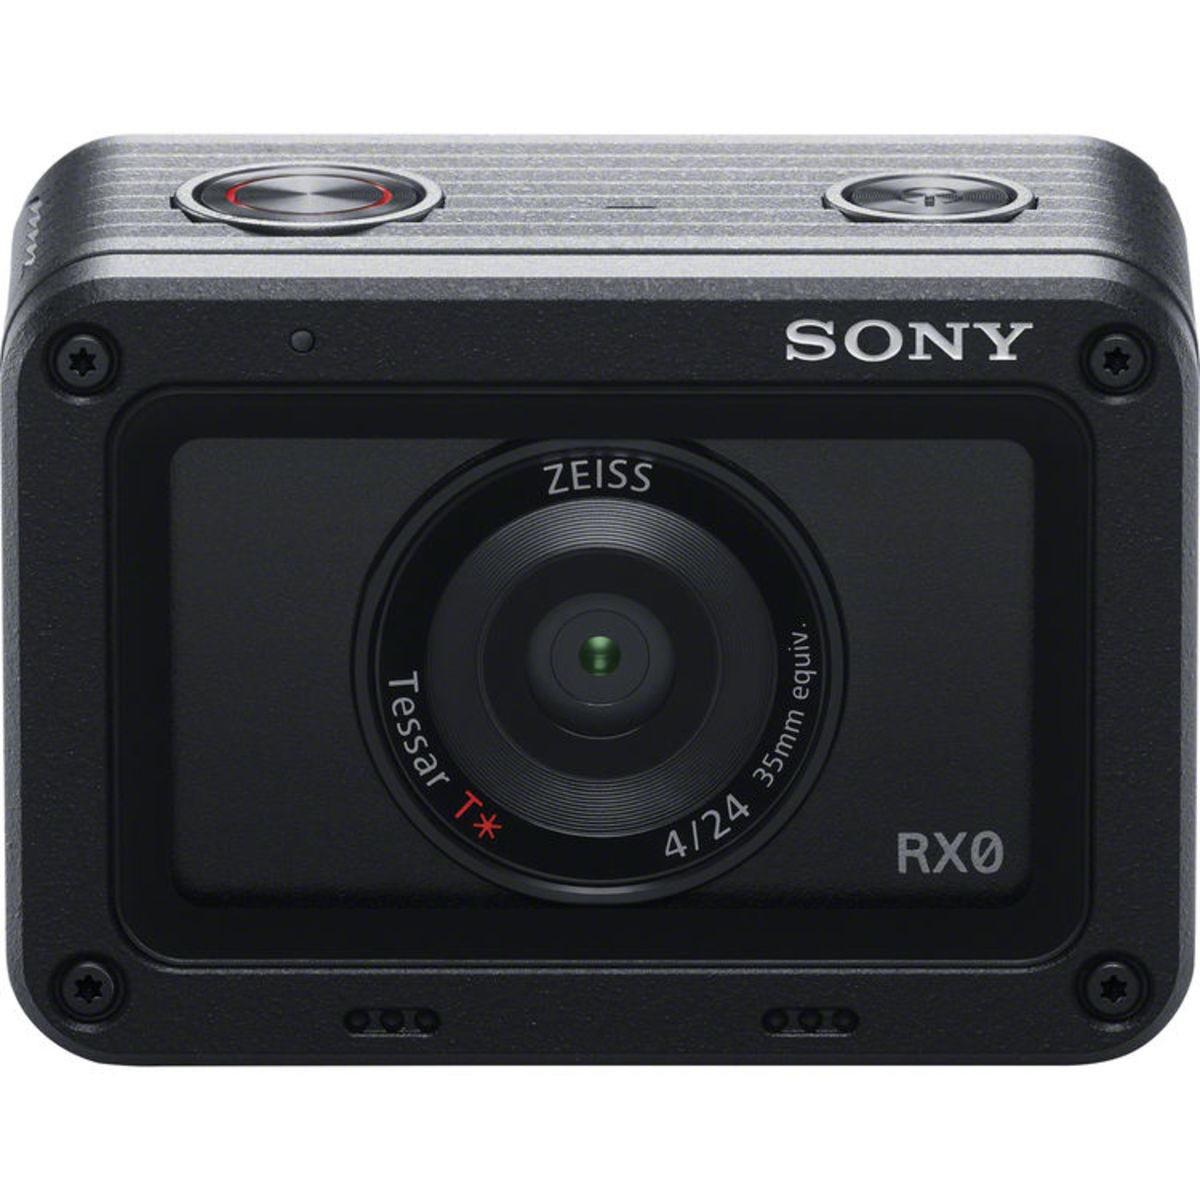 cámara de vídeo s0ny dsc rx0 ultra compact waterproof 645 990 en